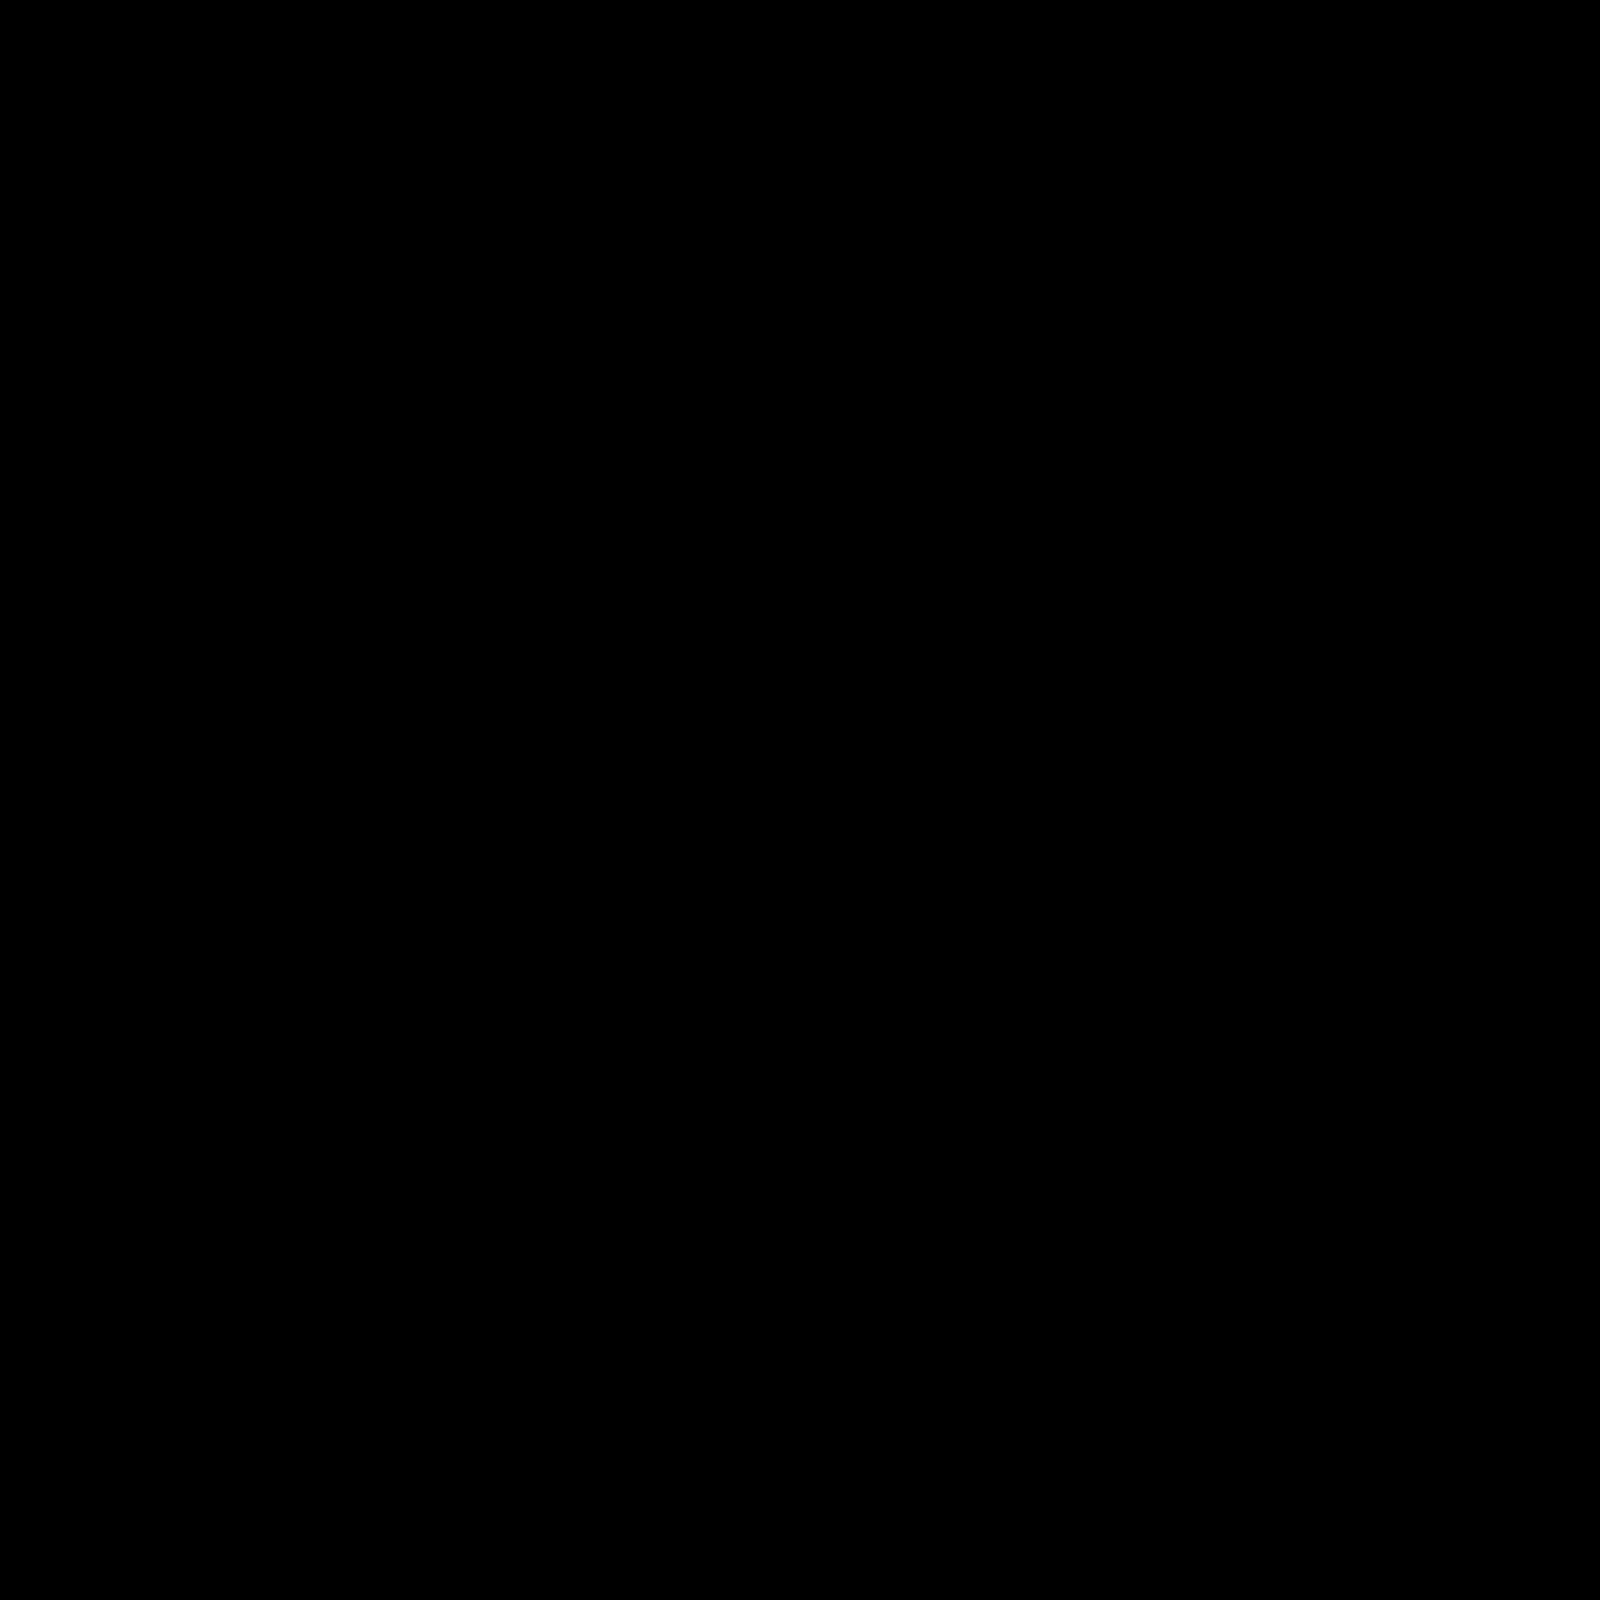 Bathhouse Filled icon